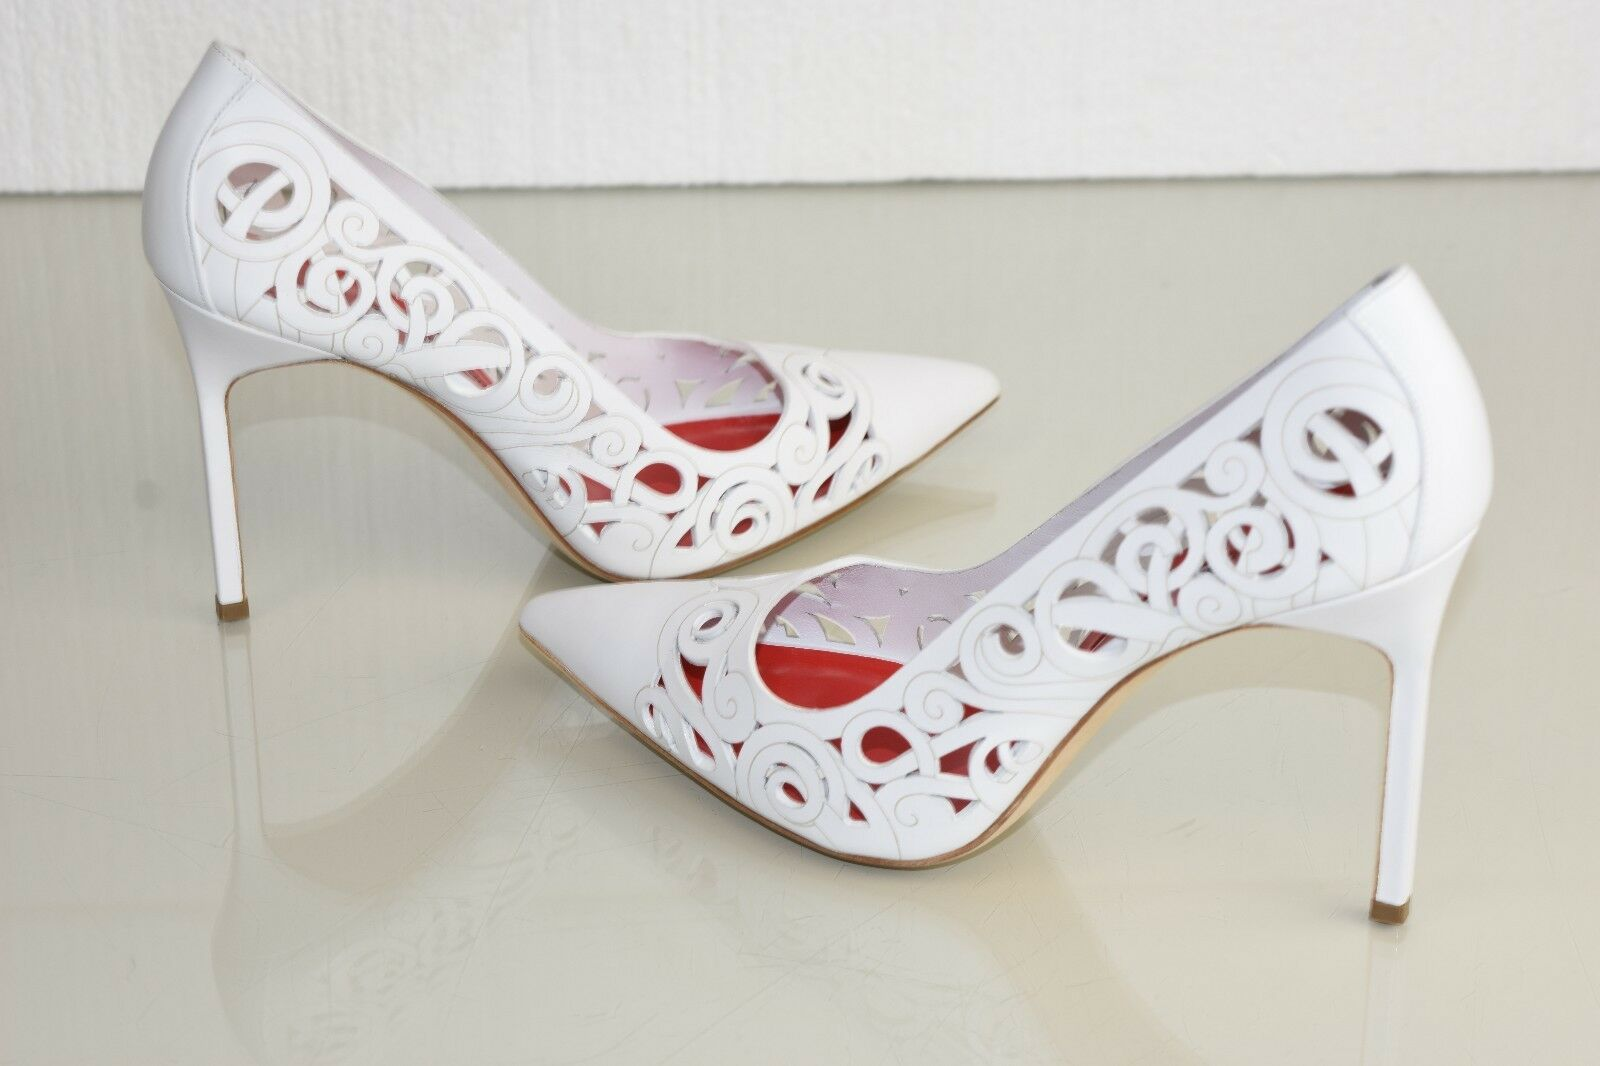 acquista marca  815 New MANOLO BLAHNIK BB BB BB ROCCO 105 bianca rosso Leather Pumps scarpe Heels 41  lo stile classico